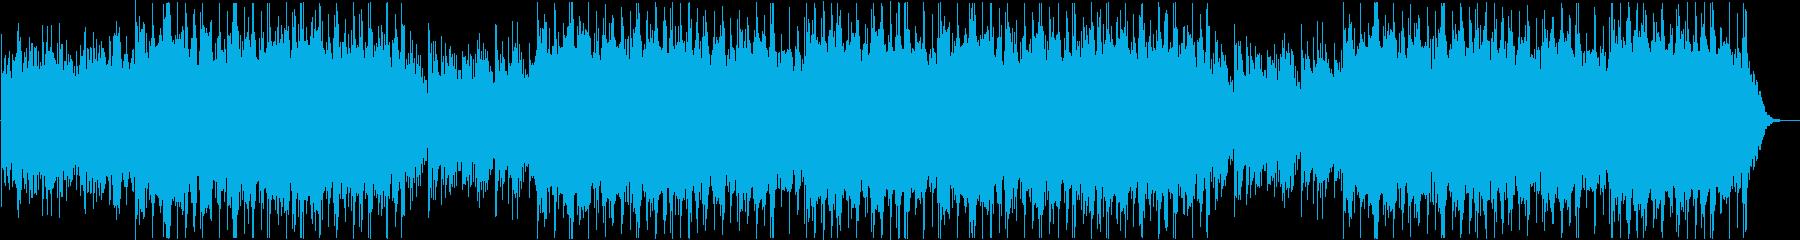 高揚感と希望に満ちた流れるようなサウンドの再生済みの波形